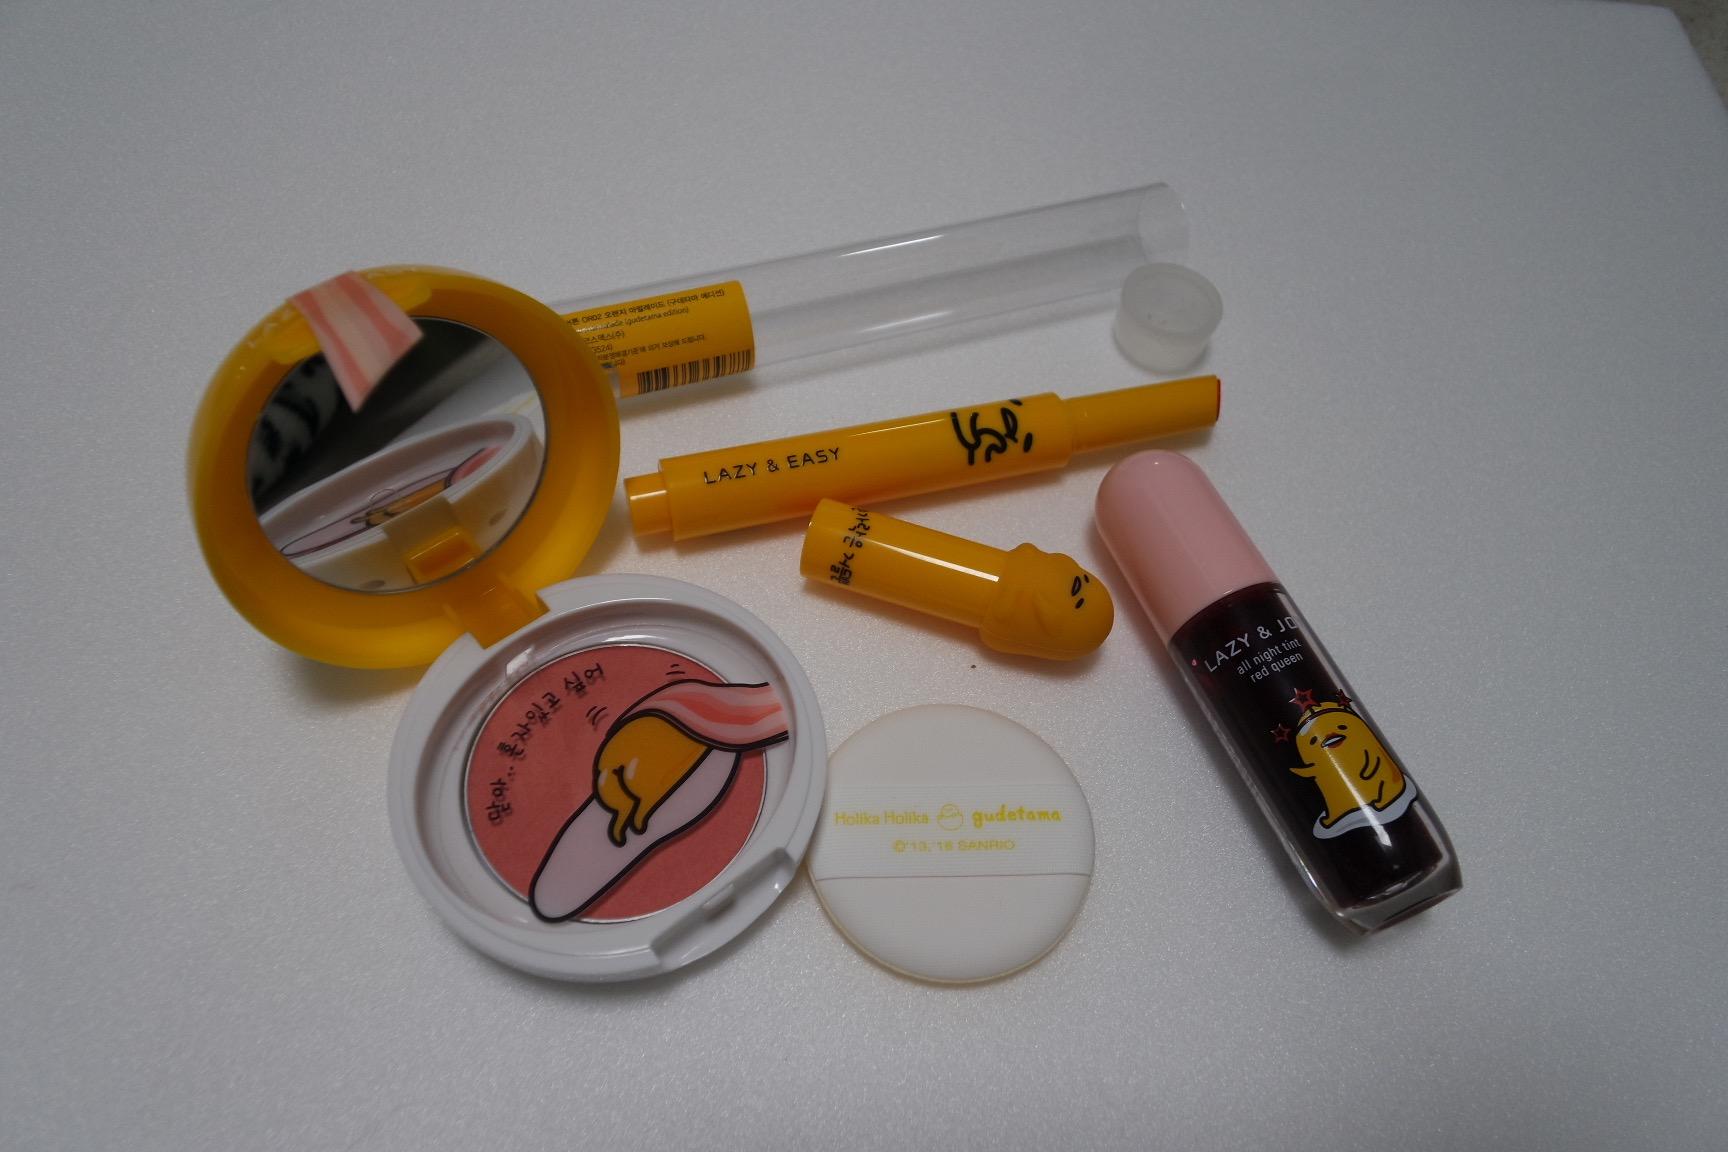 L-R: Gudetama Jelly Dough Blusher (CR01, KRW 8900), Gudetama Melting Lip Button (OR02, KRW 10 900), Gudetama All Night Tint (#1 Red Queen, 5ml, KRW 5900)